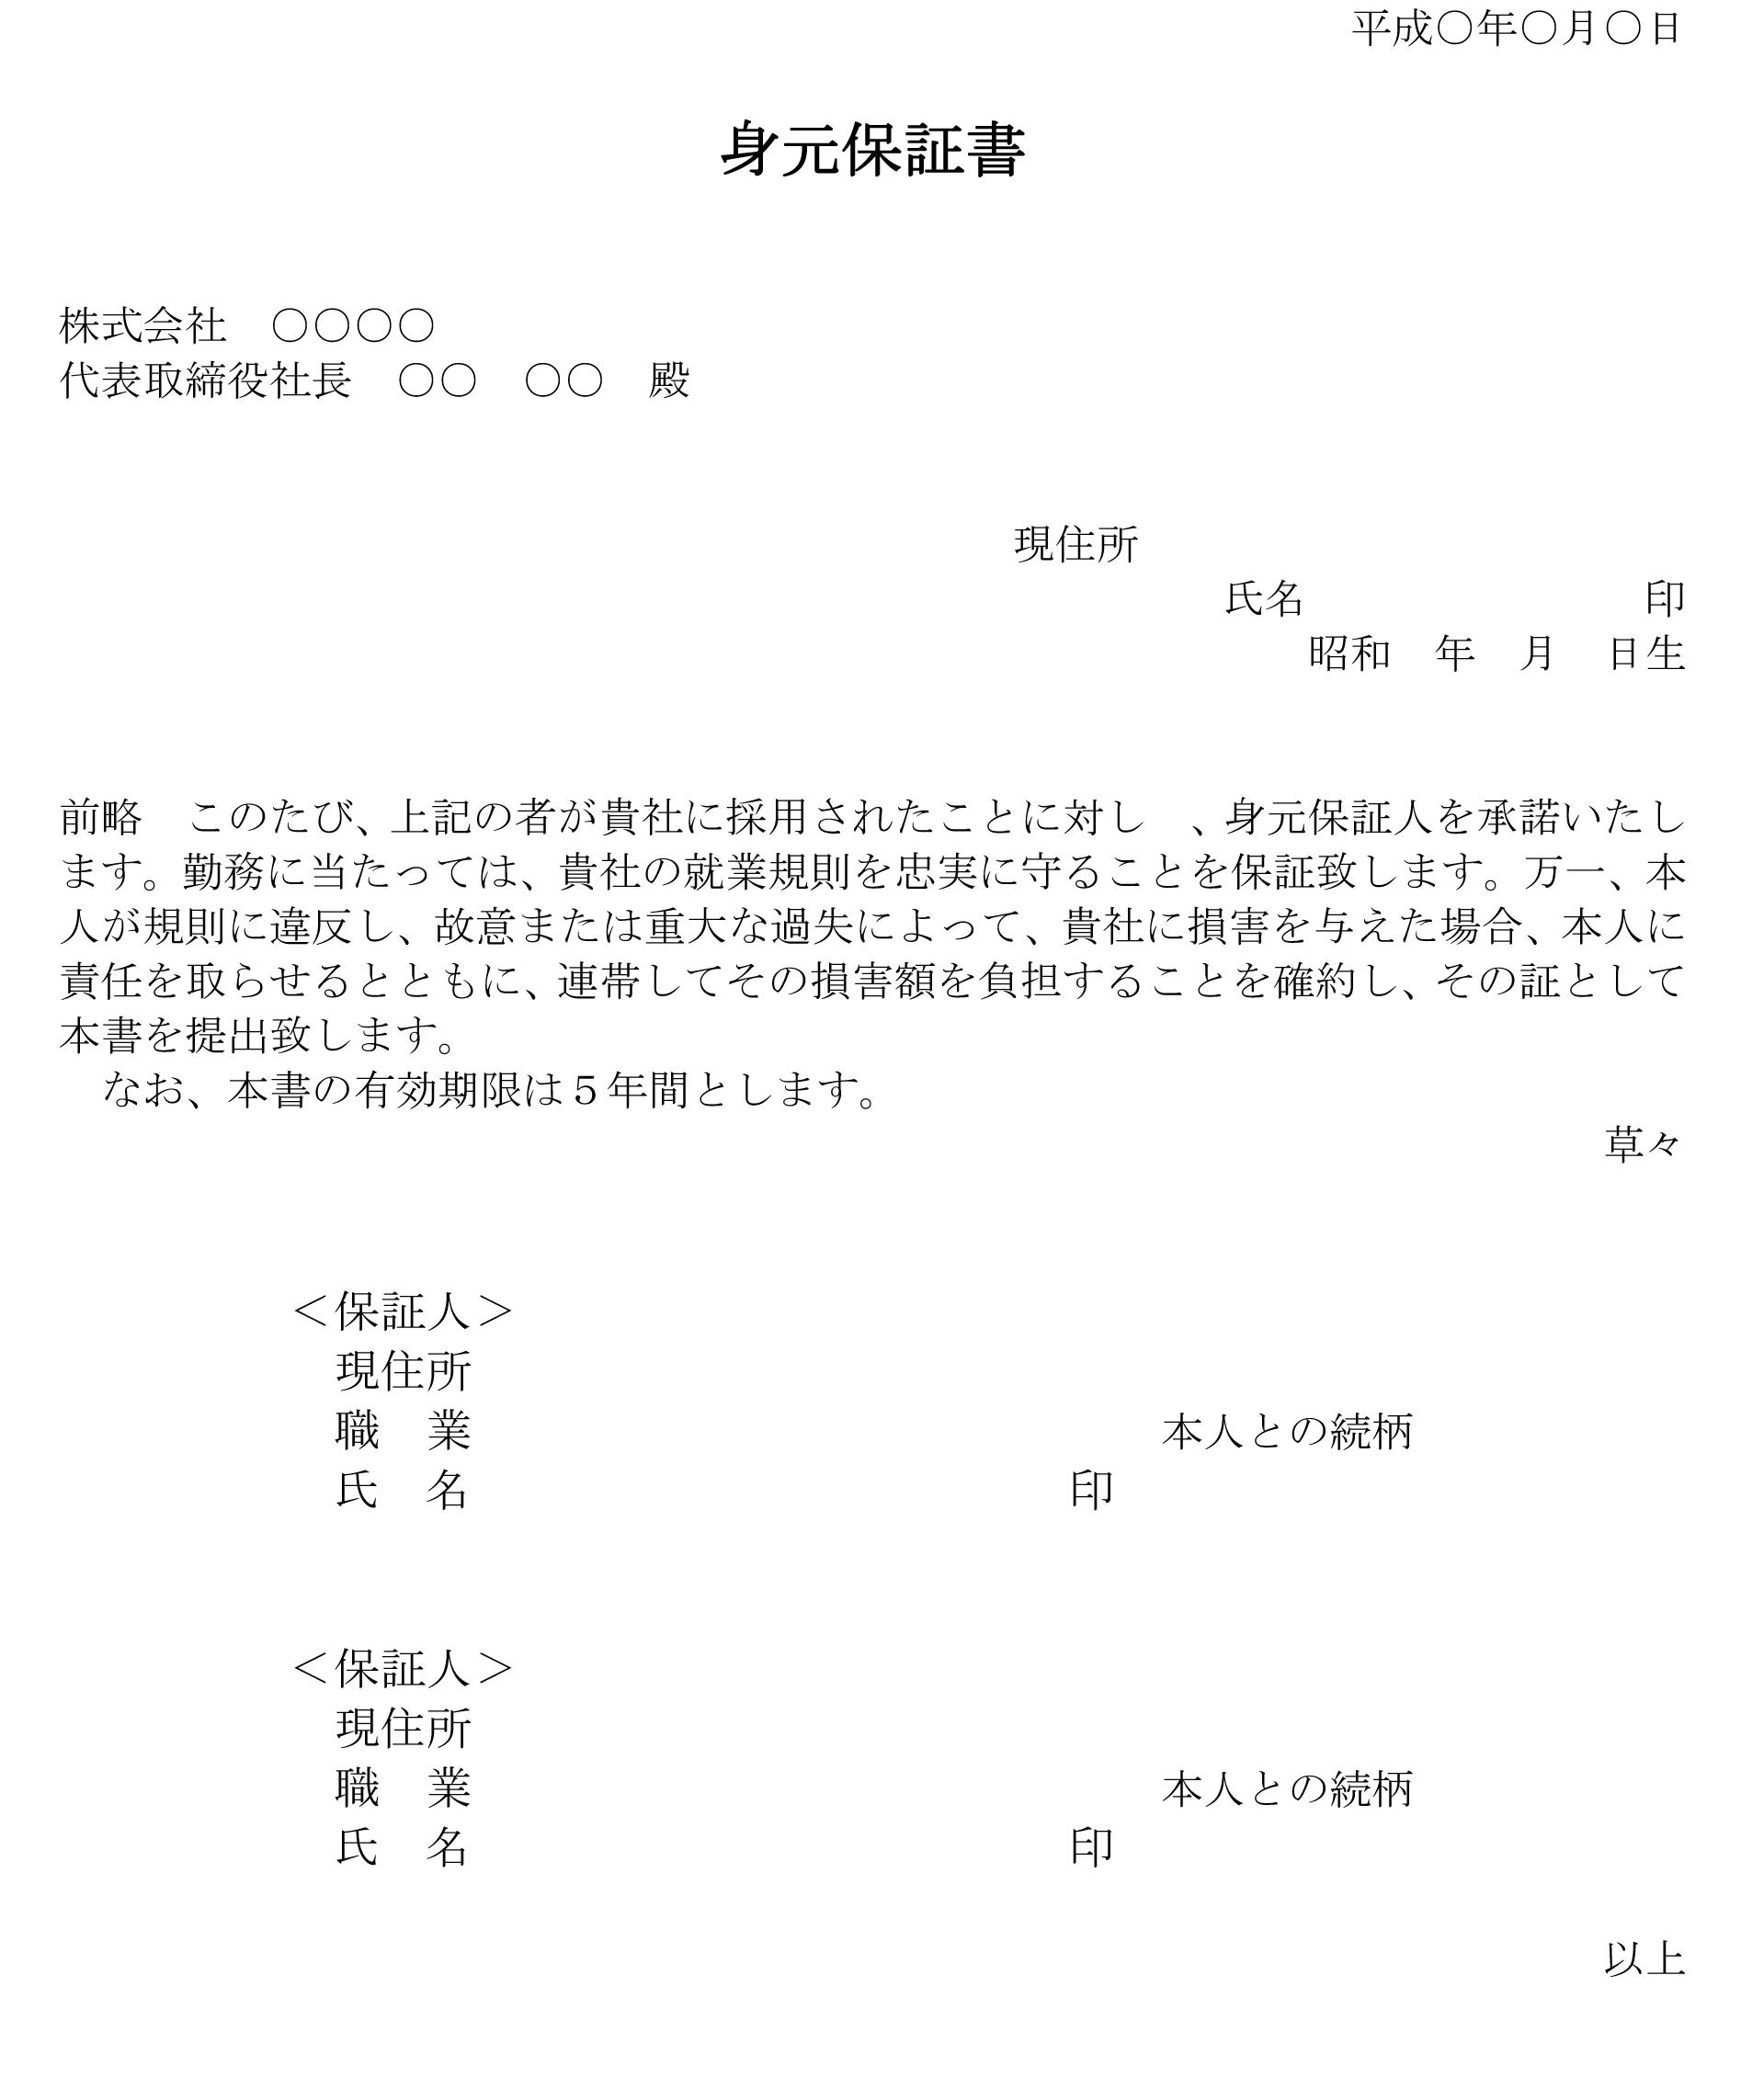 身元保証書03